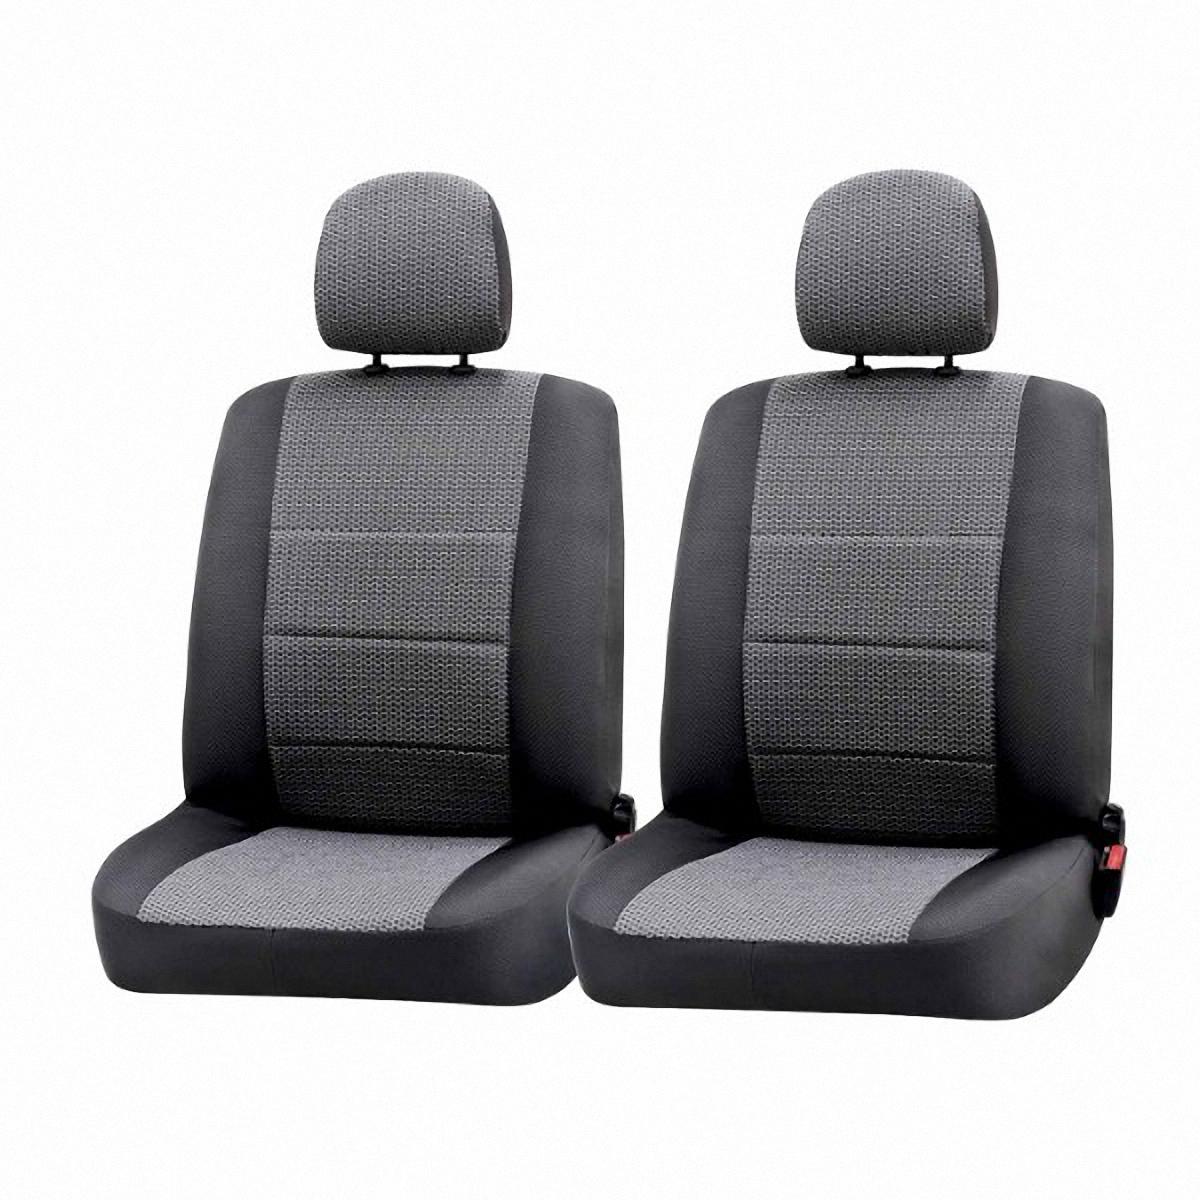 Чехлы автомобильные Skyway, для Lada Largus 2012-, 7-местныеV015/7-2Автомобильные чехлы Skyway изготовлены из качественного жаккарда. Чехлы идеально повторяют штатную форму сидений и выглядят как оригинальная обивка сидений. Разработаны индивидуально для каждой модели автомобиля. Авточехлы Skyway просты в уходе - загрязнения легко удаляются влажной тканью. Чехлы имеют раздельную схему надевания. Второй ряд - раздельная спинка, третий ряд - сплошная спинка.В комплекте 13 предметов.